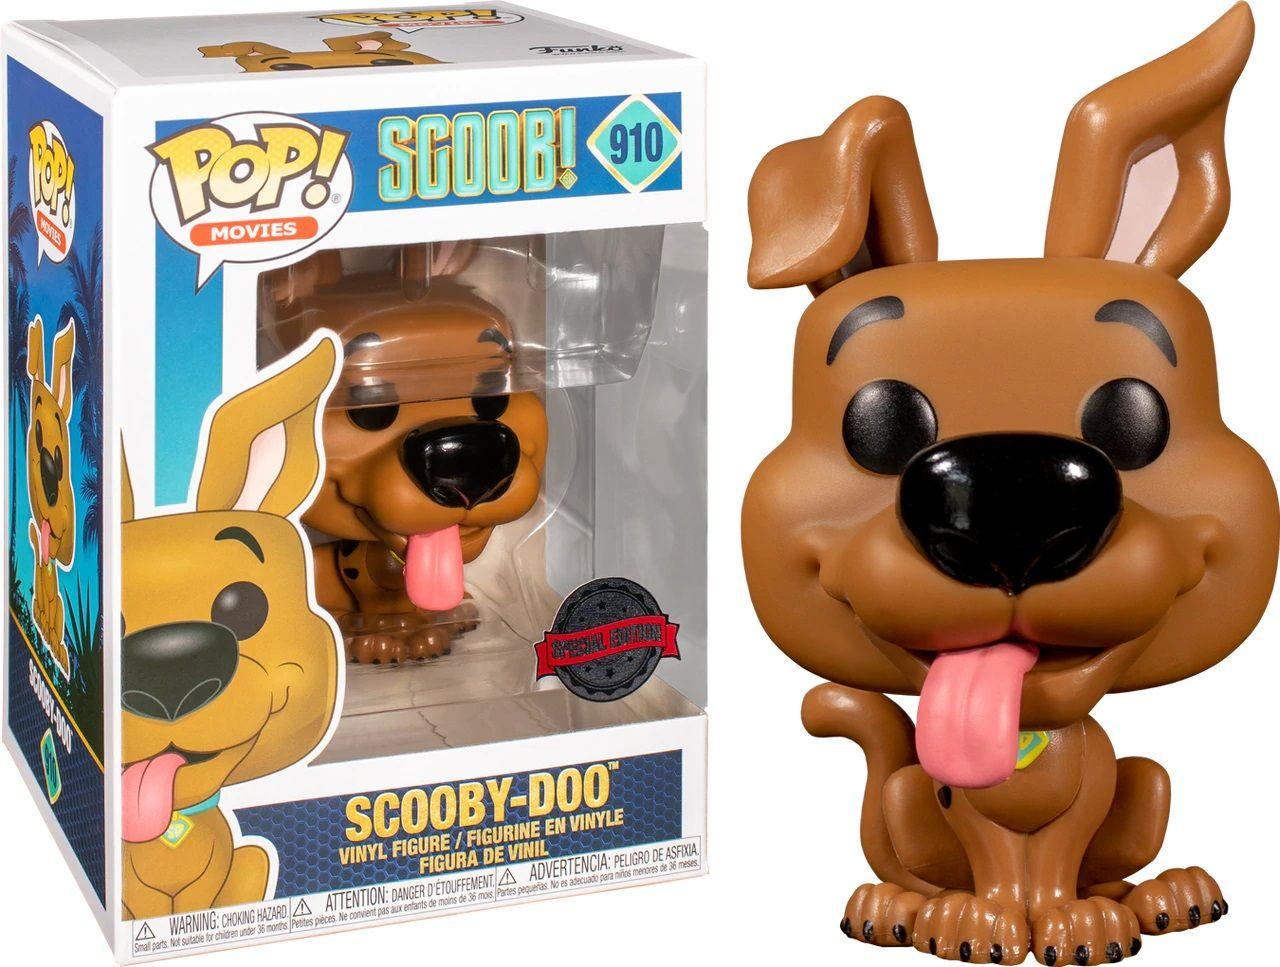 Фигура Funko Pop! Movies: Scoob! - Scooby-Doo (Special Edition) #910 - 2